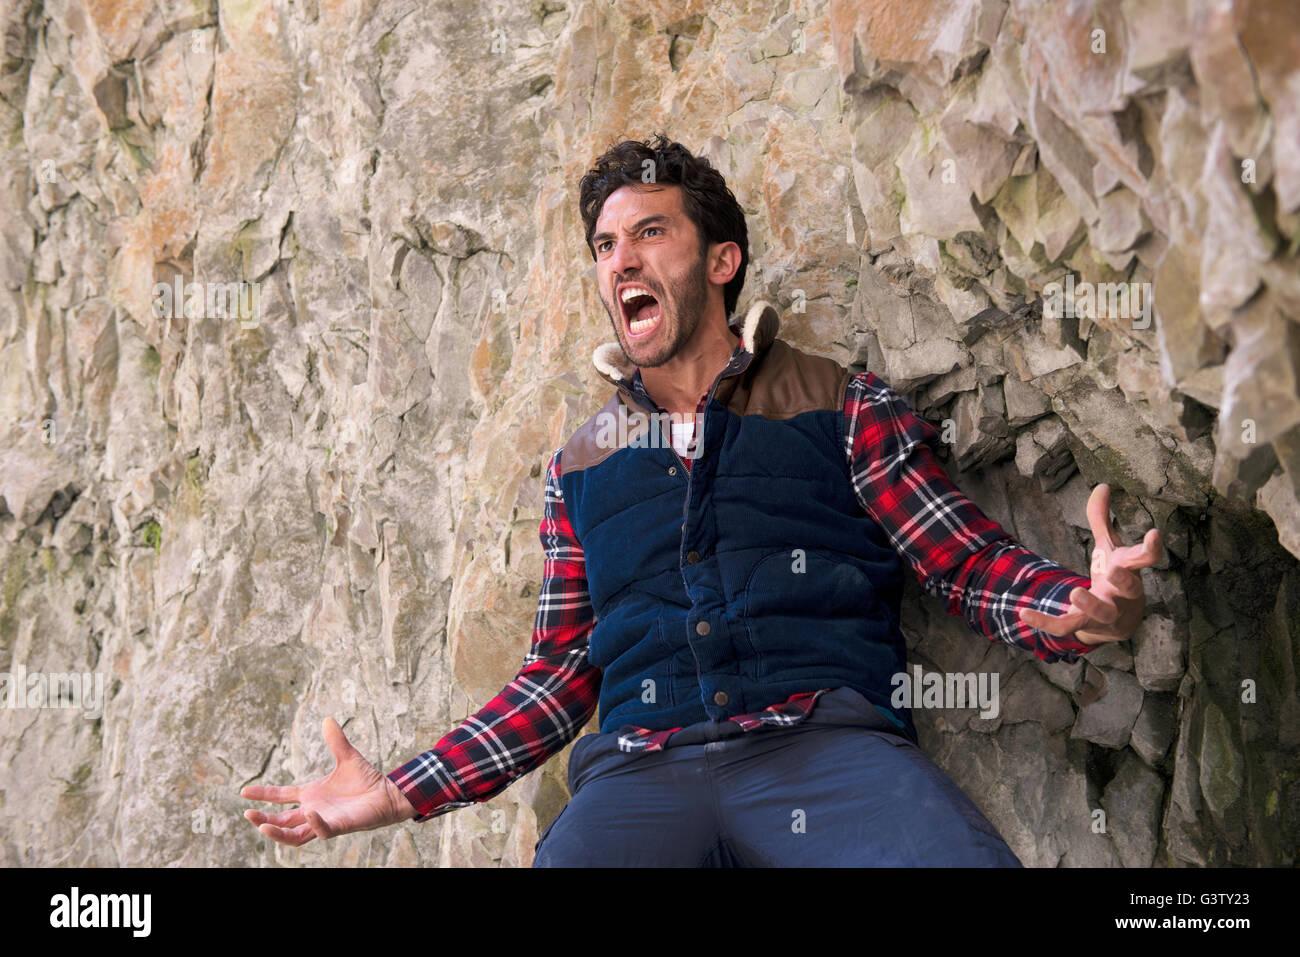 Un scalatore con un espressione di collera in piedi su un listello in terreni accidentati. Immagini Stock